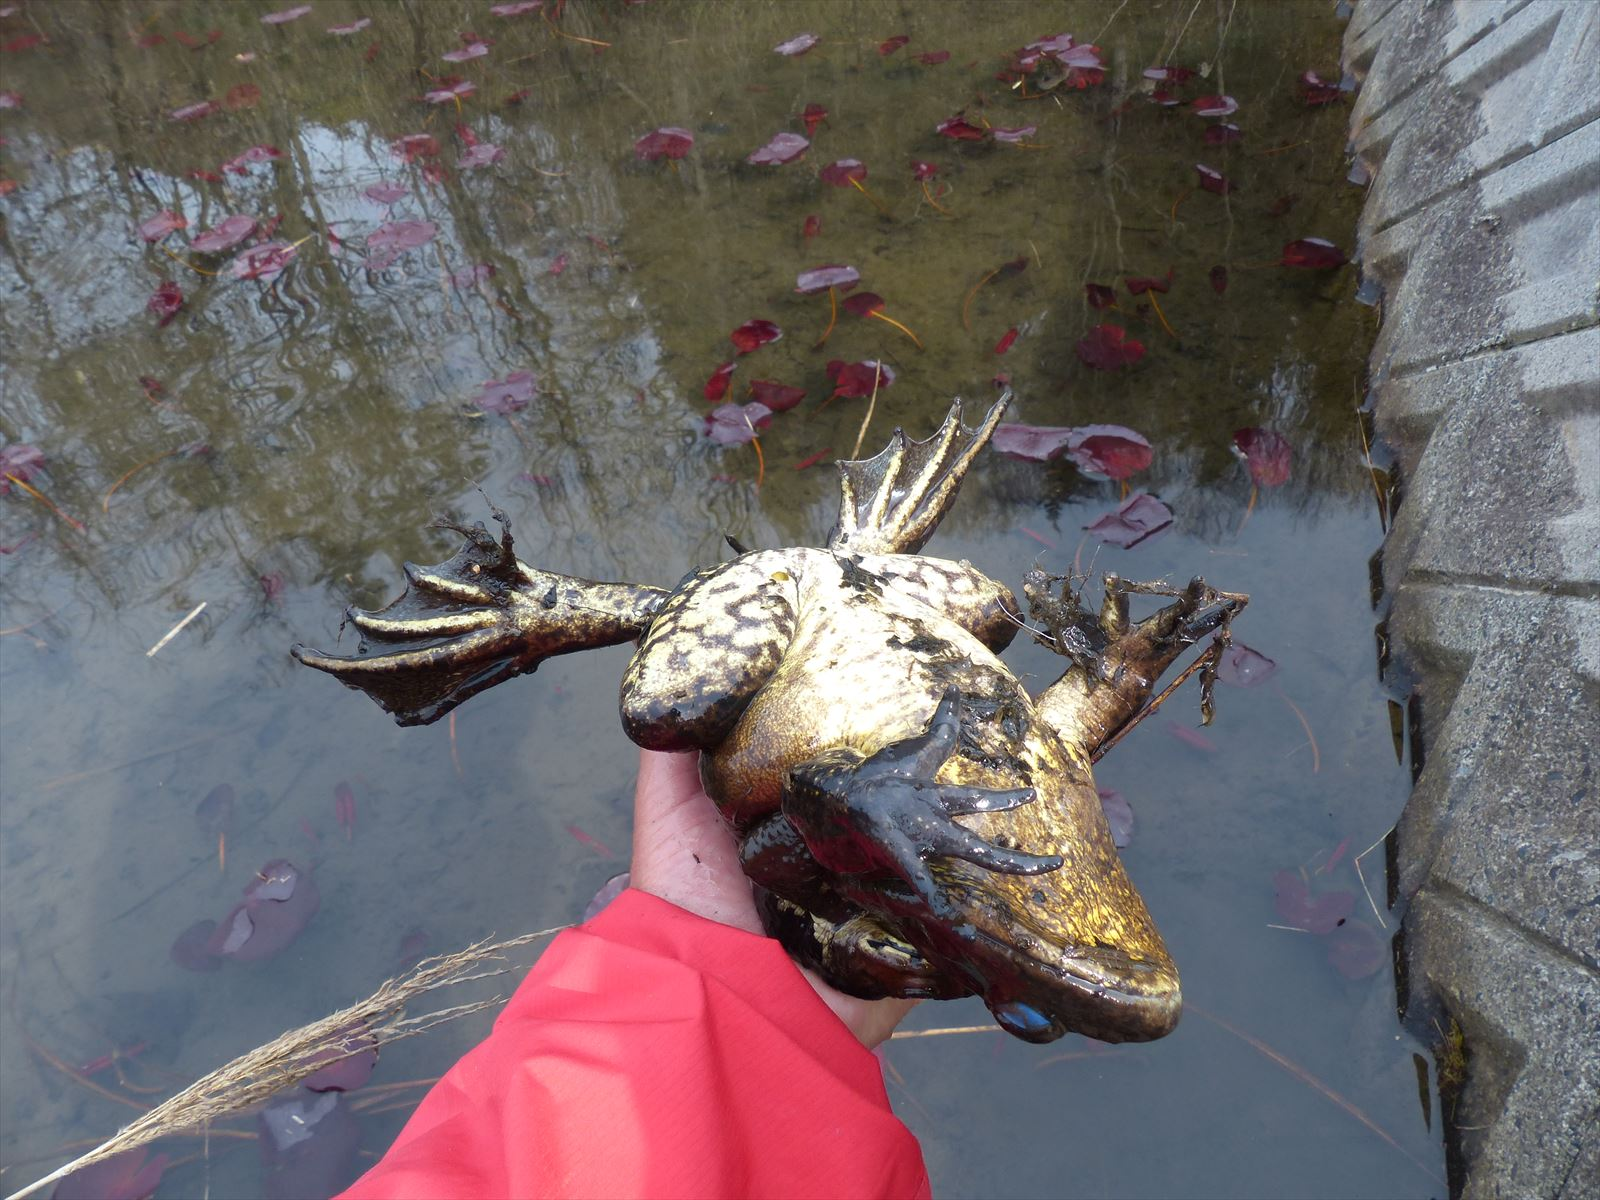 ウシガエルにニホンヒキガエルが抱接